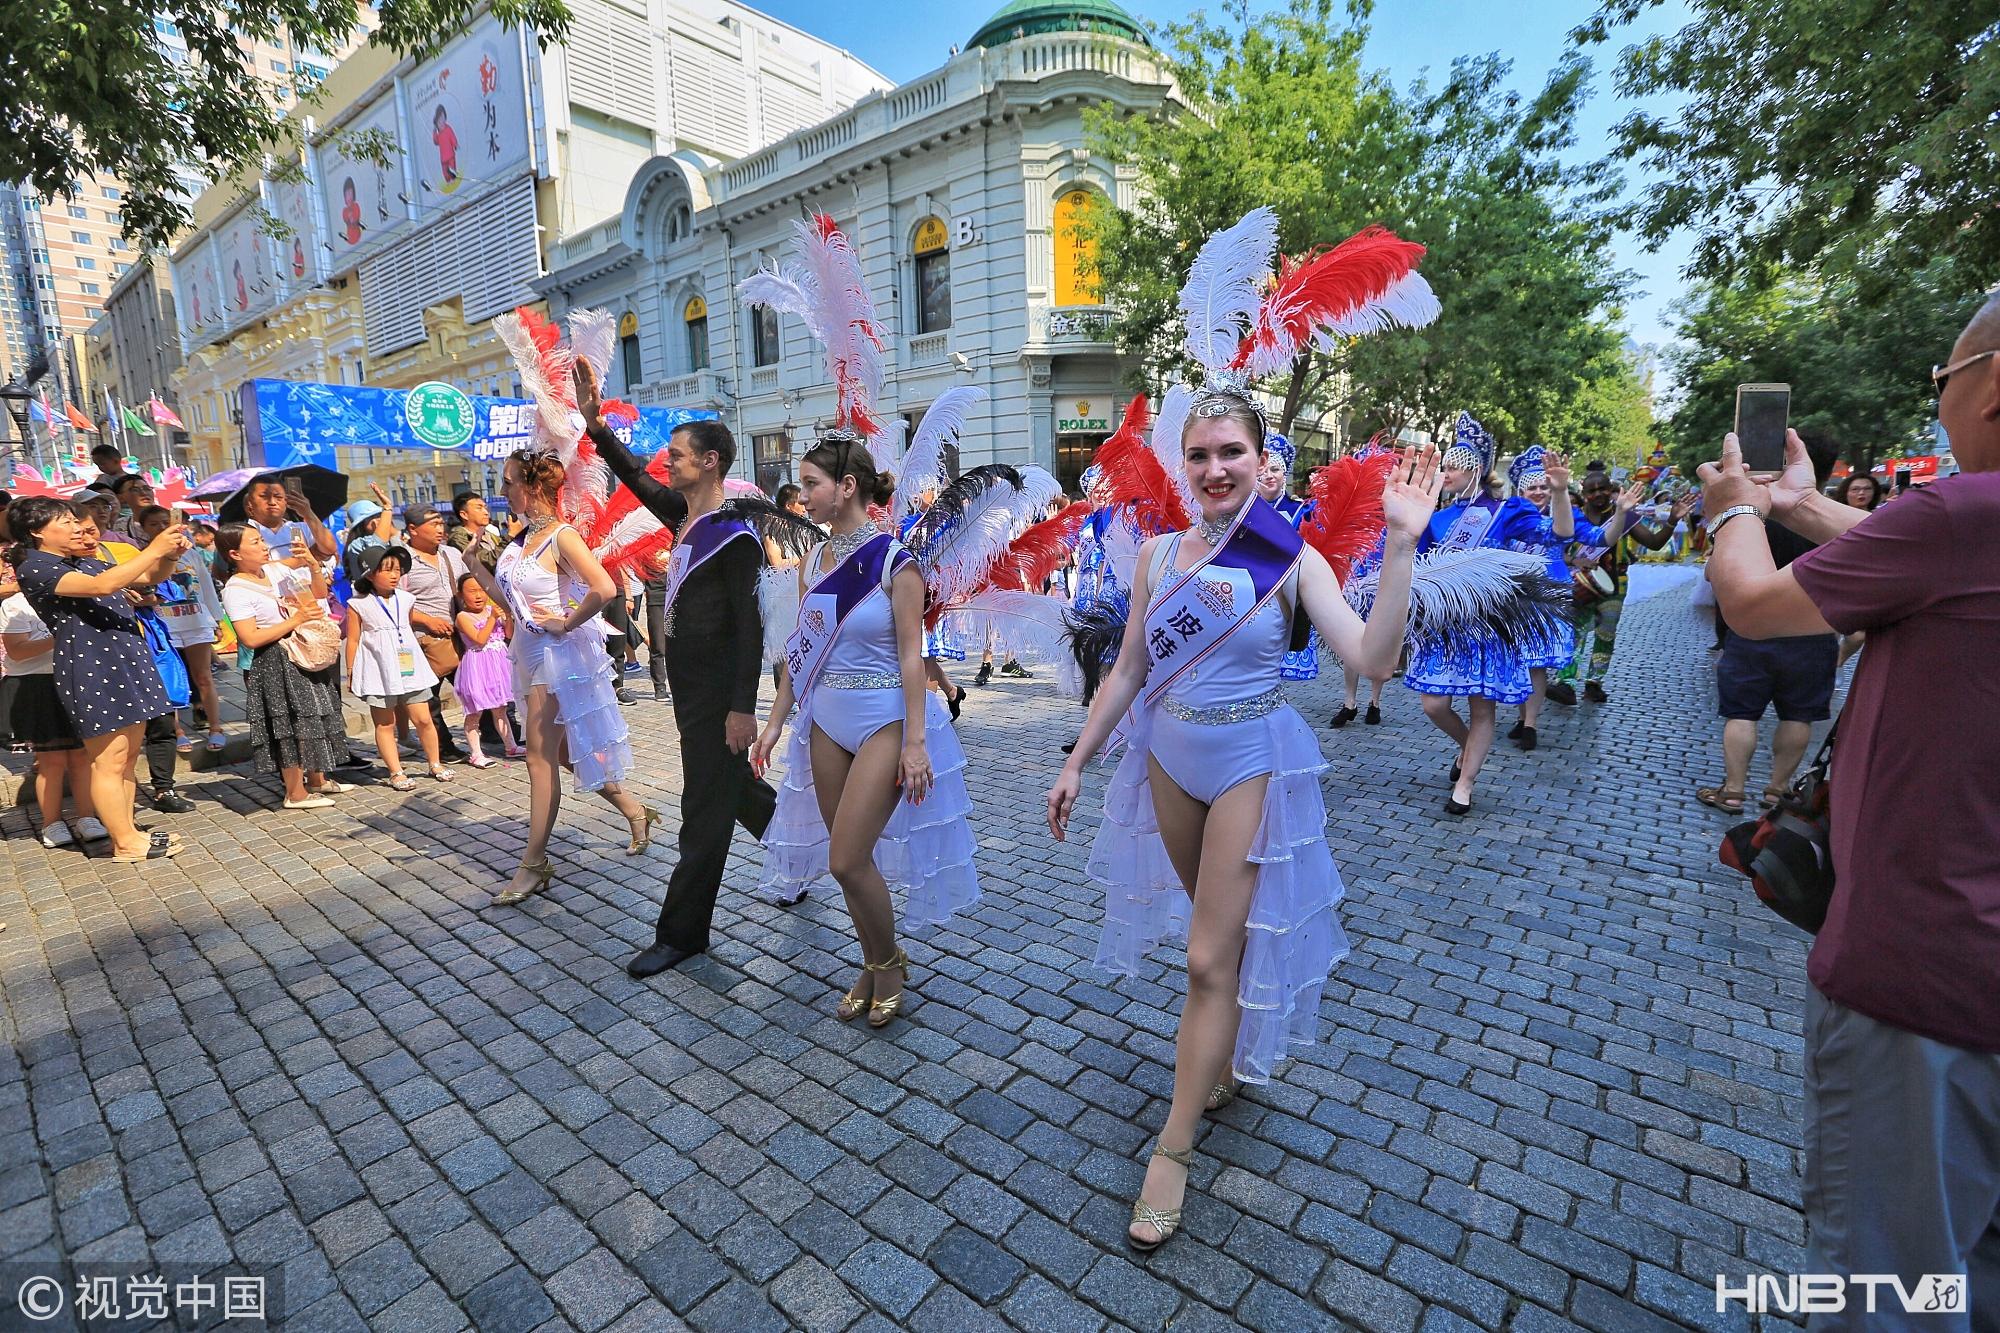 哈尔滨千人盛装花车巡游 庆祝中国国际西餐文化节启幕(组图)